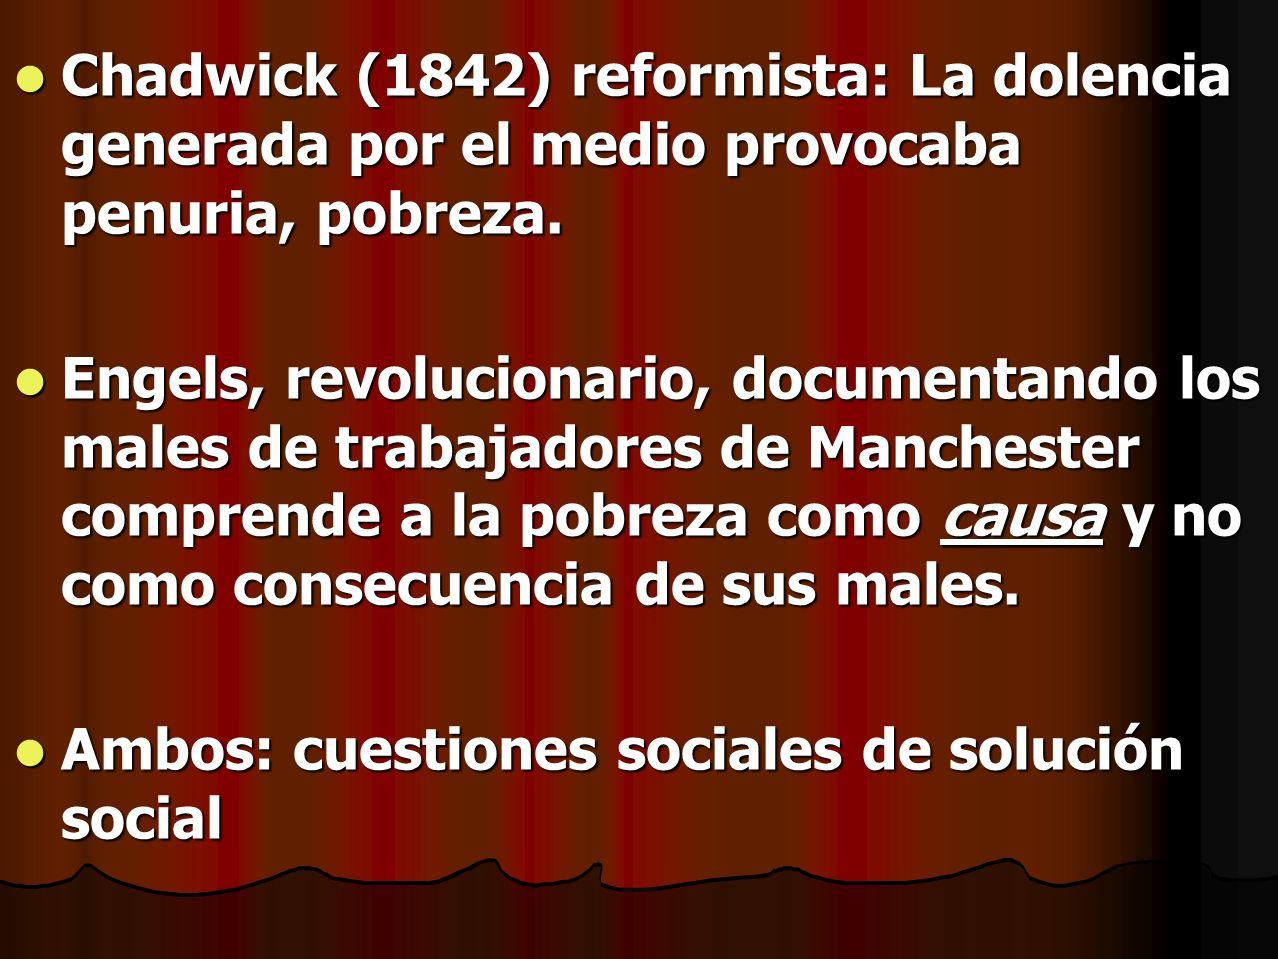 Chadwick (1842) reformista: La dolencia generada por el medio provocaba penuria, pobreza.